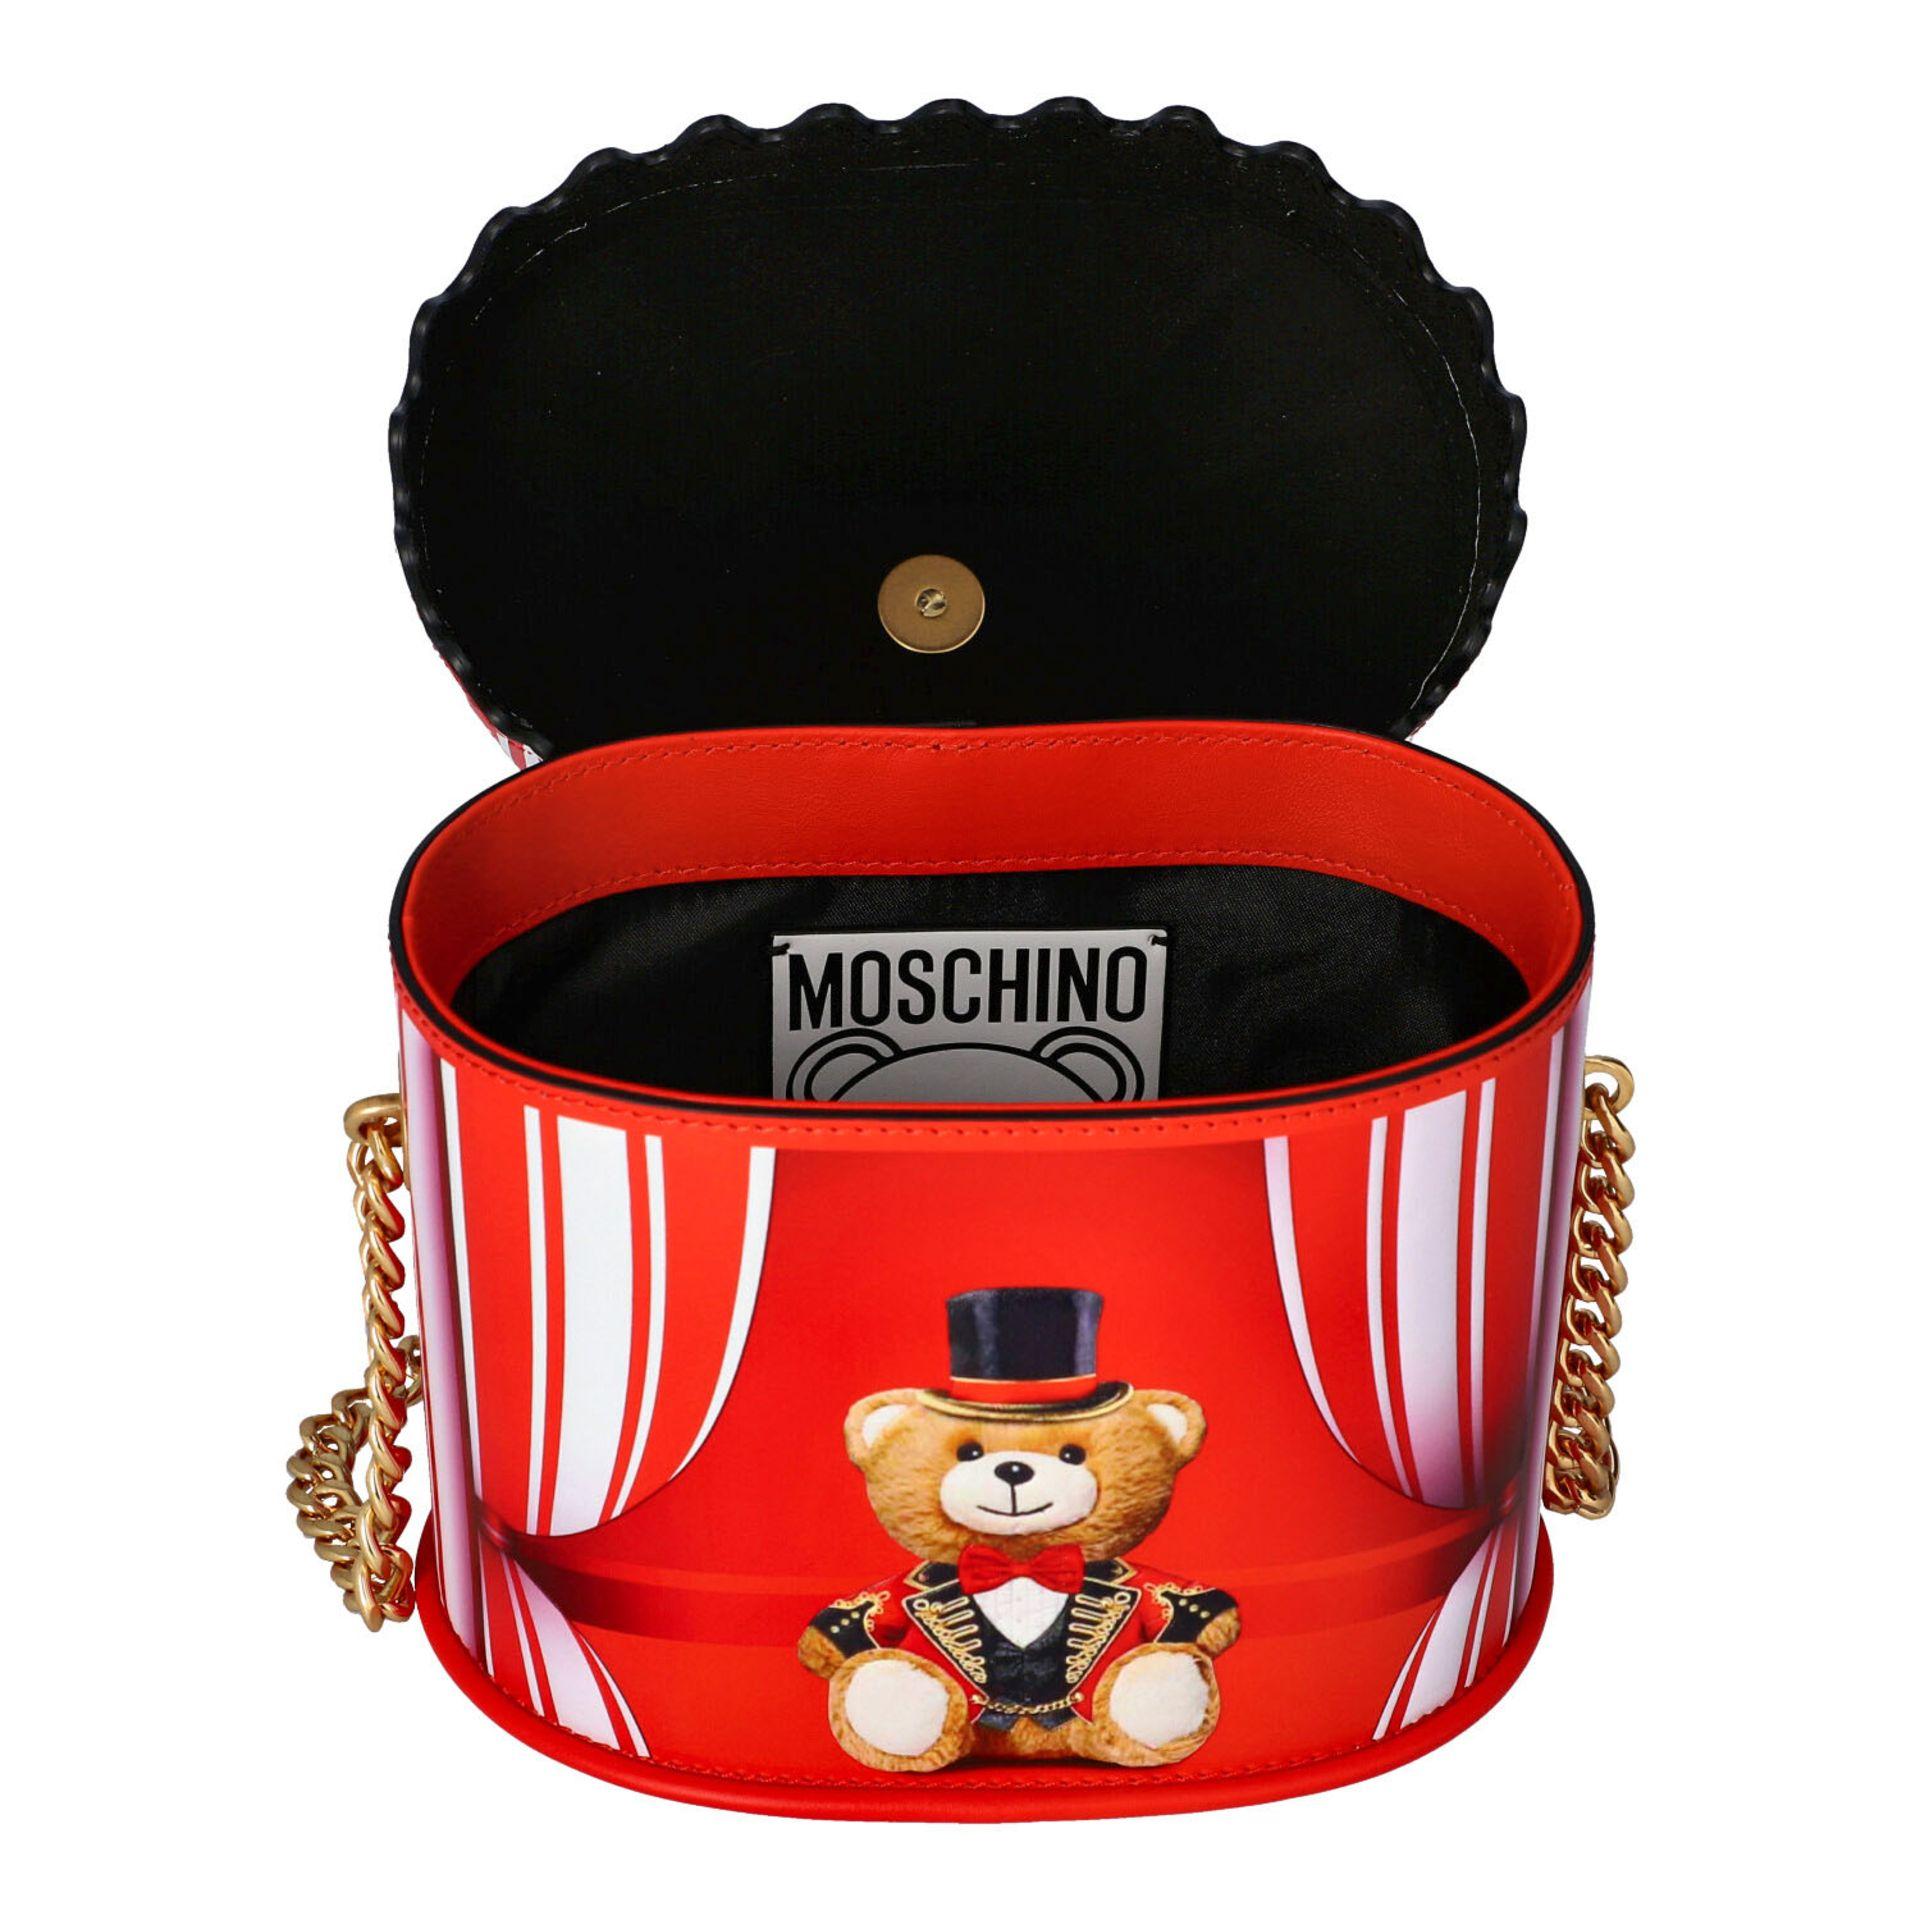 """MOSCHINO COUTURE Handtasche """"CIRCUS BAG"""", NP.: 1.100,-€. Kalbsleder in Zirkus-Zelt-D - Image 6 of 7"""